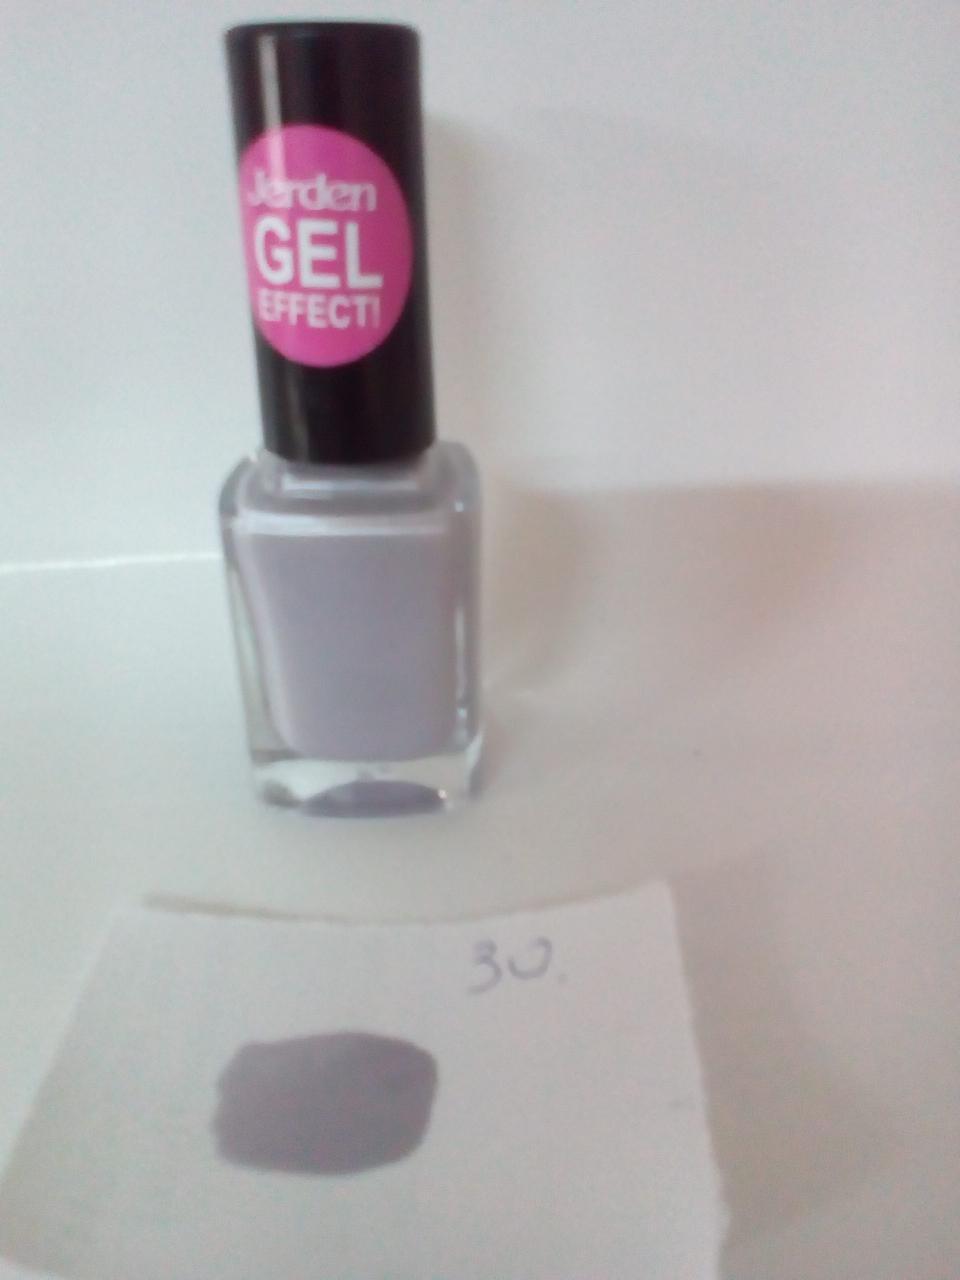 Лак для ногтей Jerden Gel Effect № 30 (светло-серый с сиренево-голубым оттенком.) (9мл)